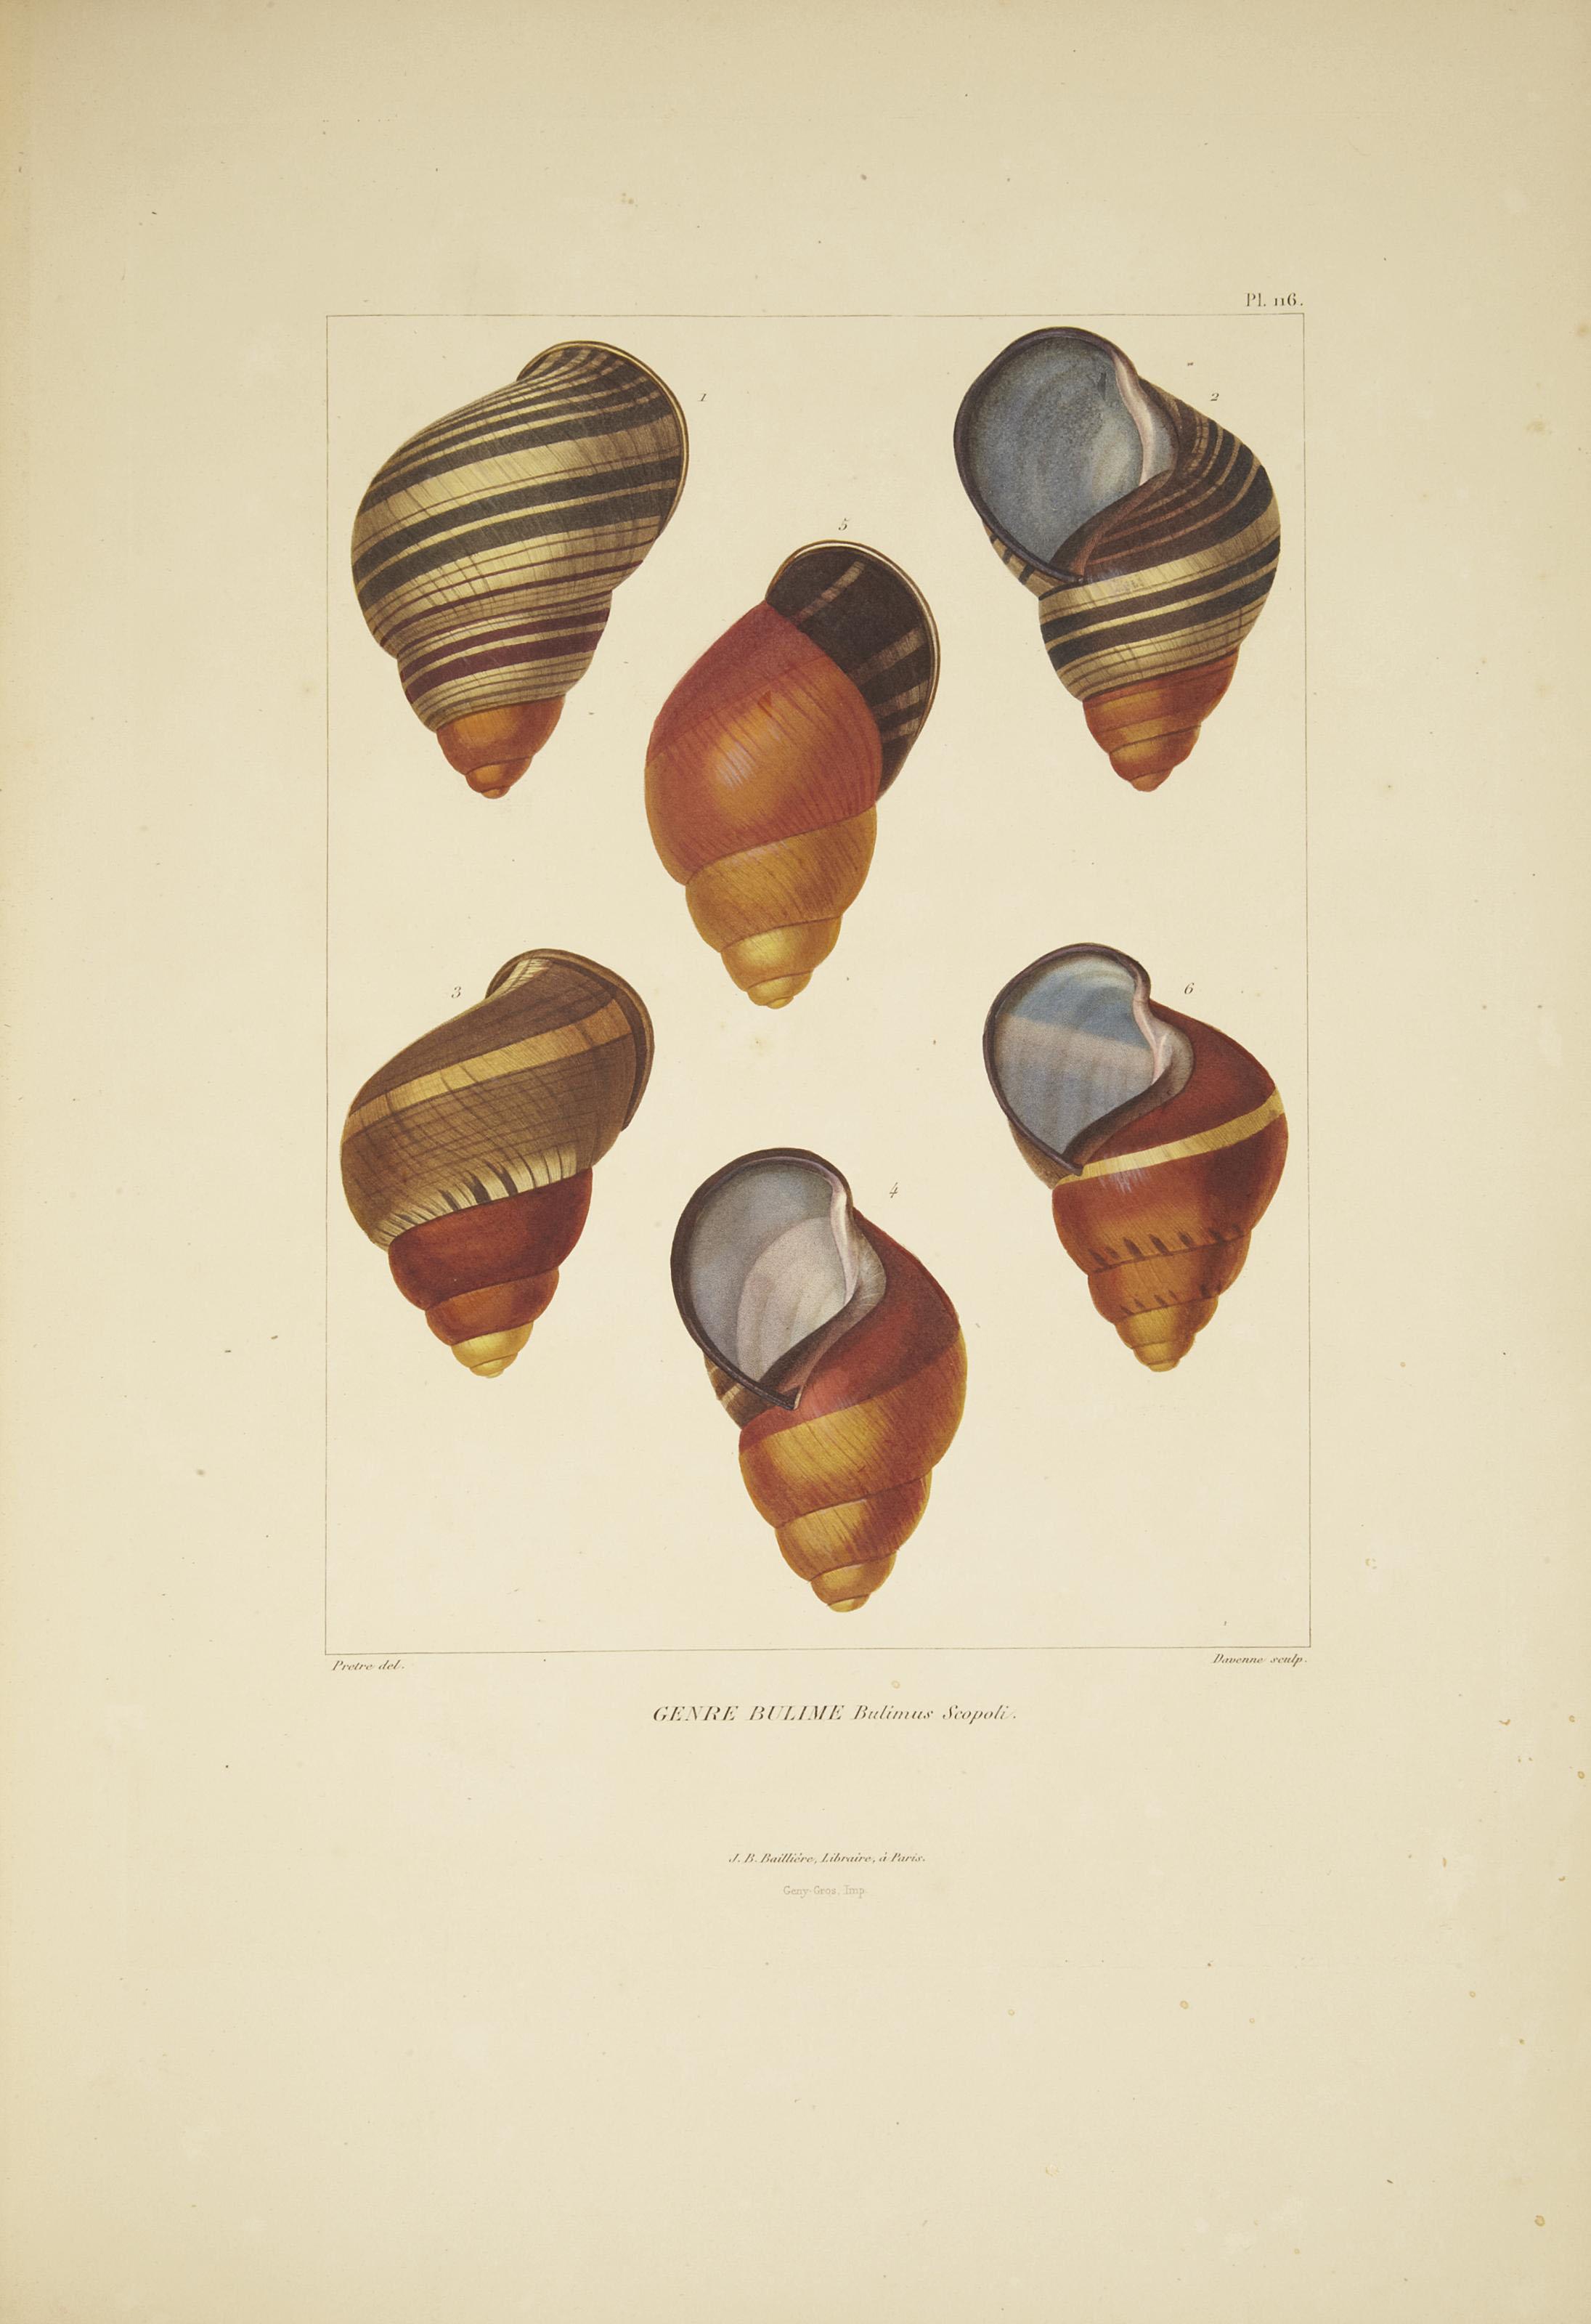 FÉRUSSAC, D. de (1786-1836) et DESHAYES, Gérard-Paul (1795-1875). Histoire naturelle générale et particulière des mollusques terrestres et fluviatiles... Paris: J.-B. Baillière, 1820-1851.